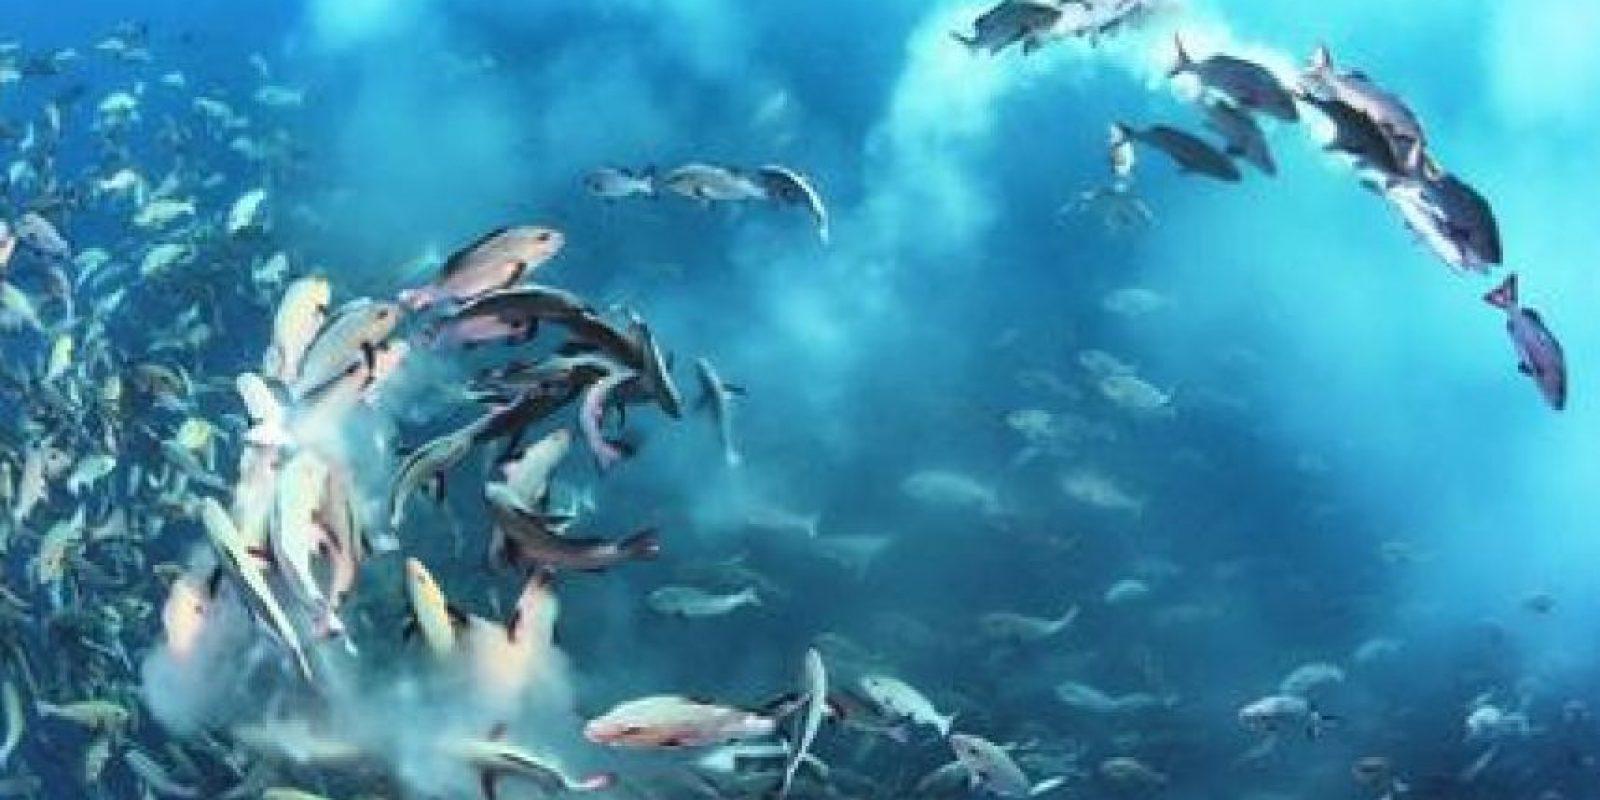 4- Bajo las aguas. Fiesta de pargos.Tony Wu capturó este arco dinámico de desove de peces en la oblicua luz de la mañana. Miles de pargos de dos manchas se reúnen para desovar cada mes alrededor de Palau. Tony wu, usa Foto:MWN